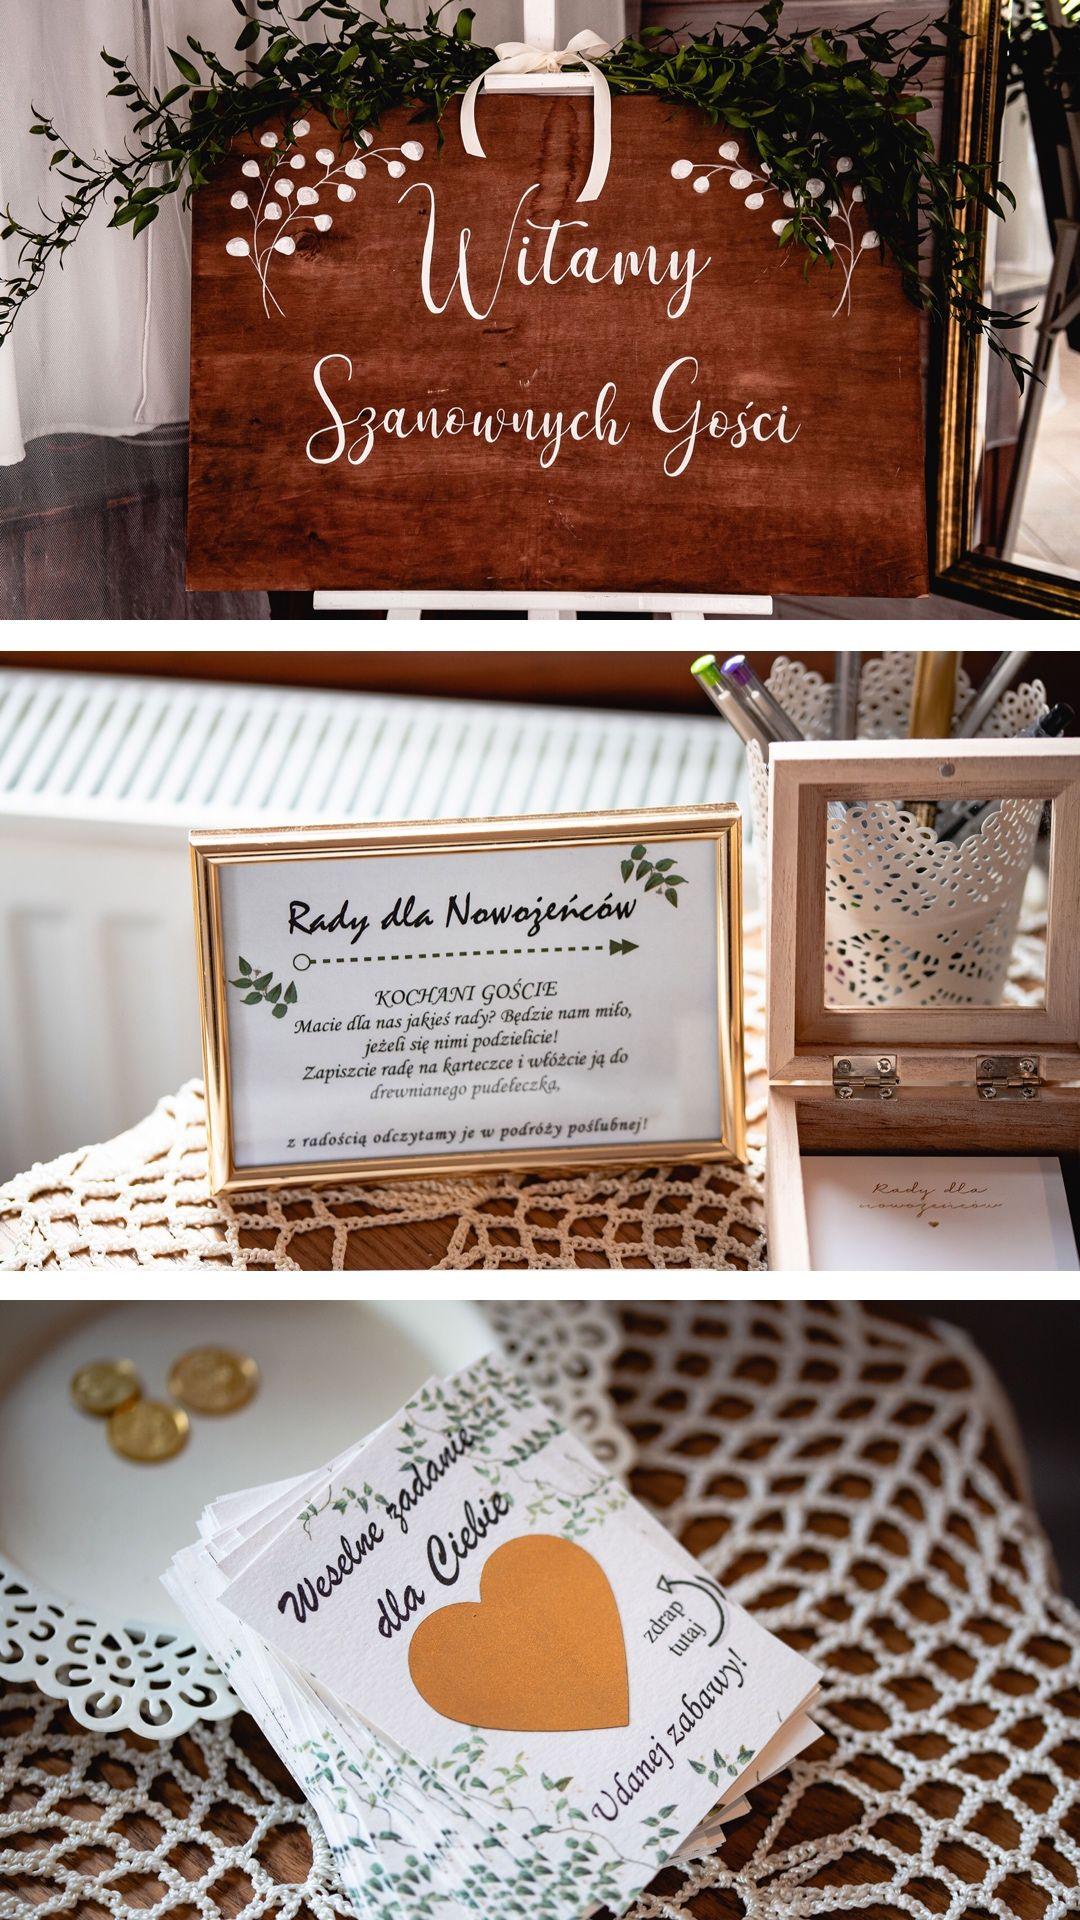 Wyjątkowe wesele w rustykalnym stylu Moja Weranda, Moja Weranda, Gołębiewo Średnie, rustykalny ślub, boho, Wesele w Mojej Werandzie, rustykalny ślub pomorze, sala na rustykalny ślub, fotograf boho, rustykalny fotograf